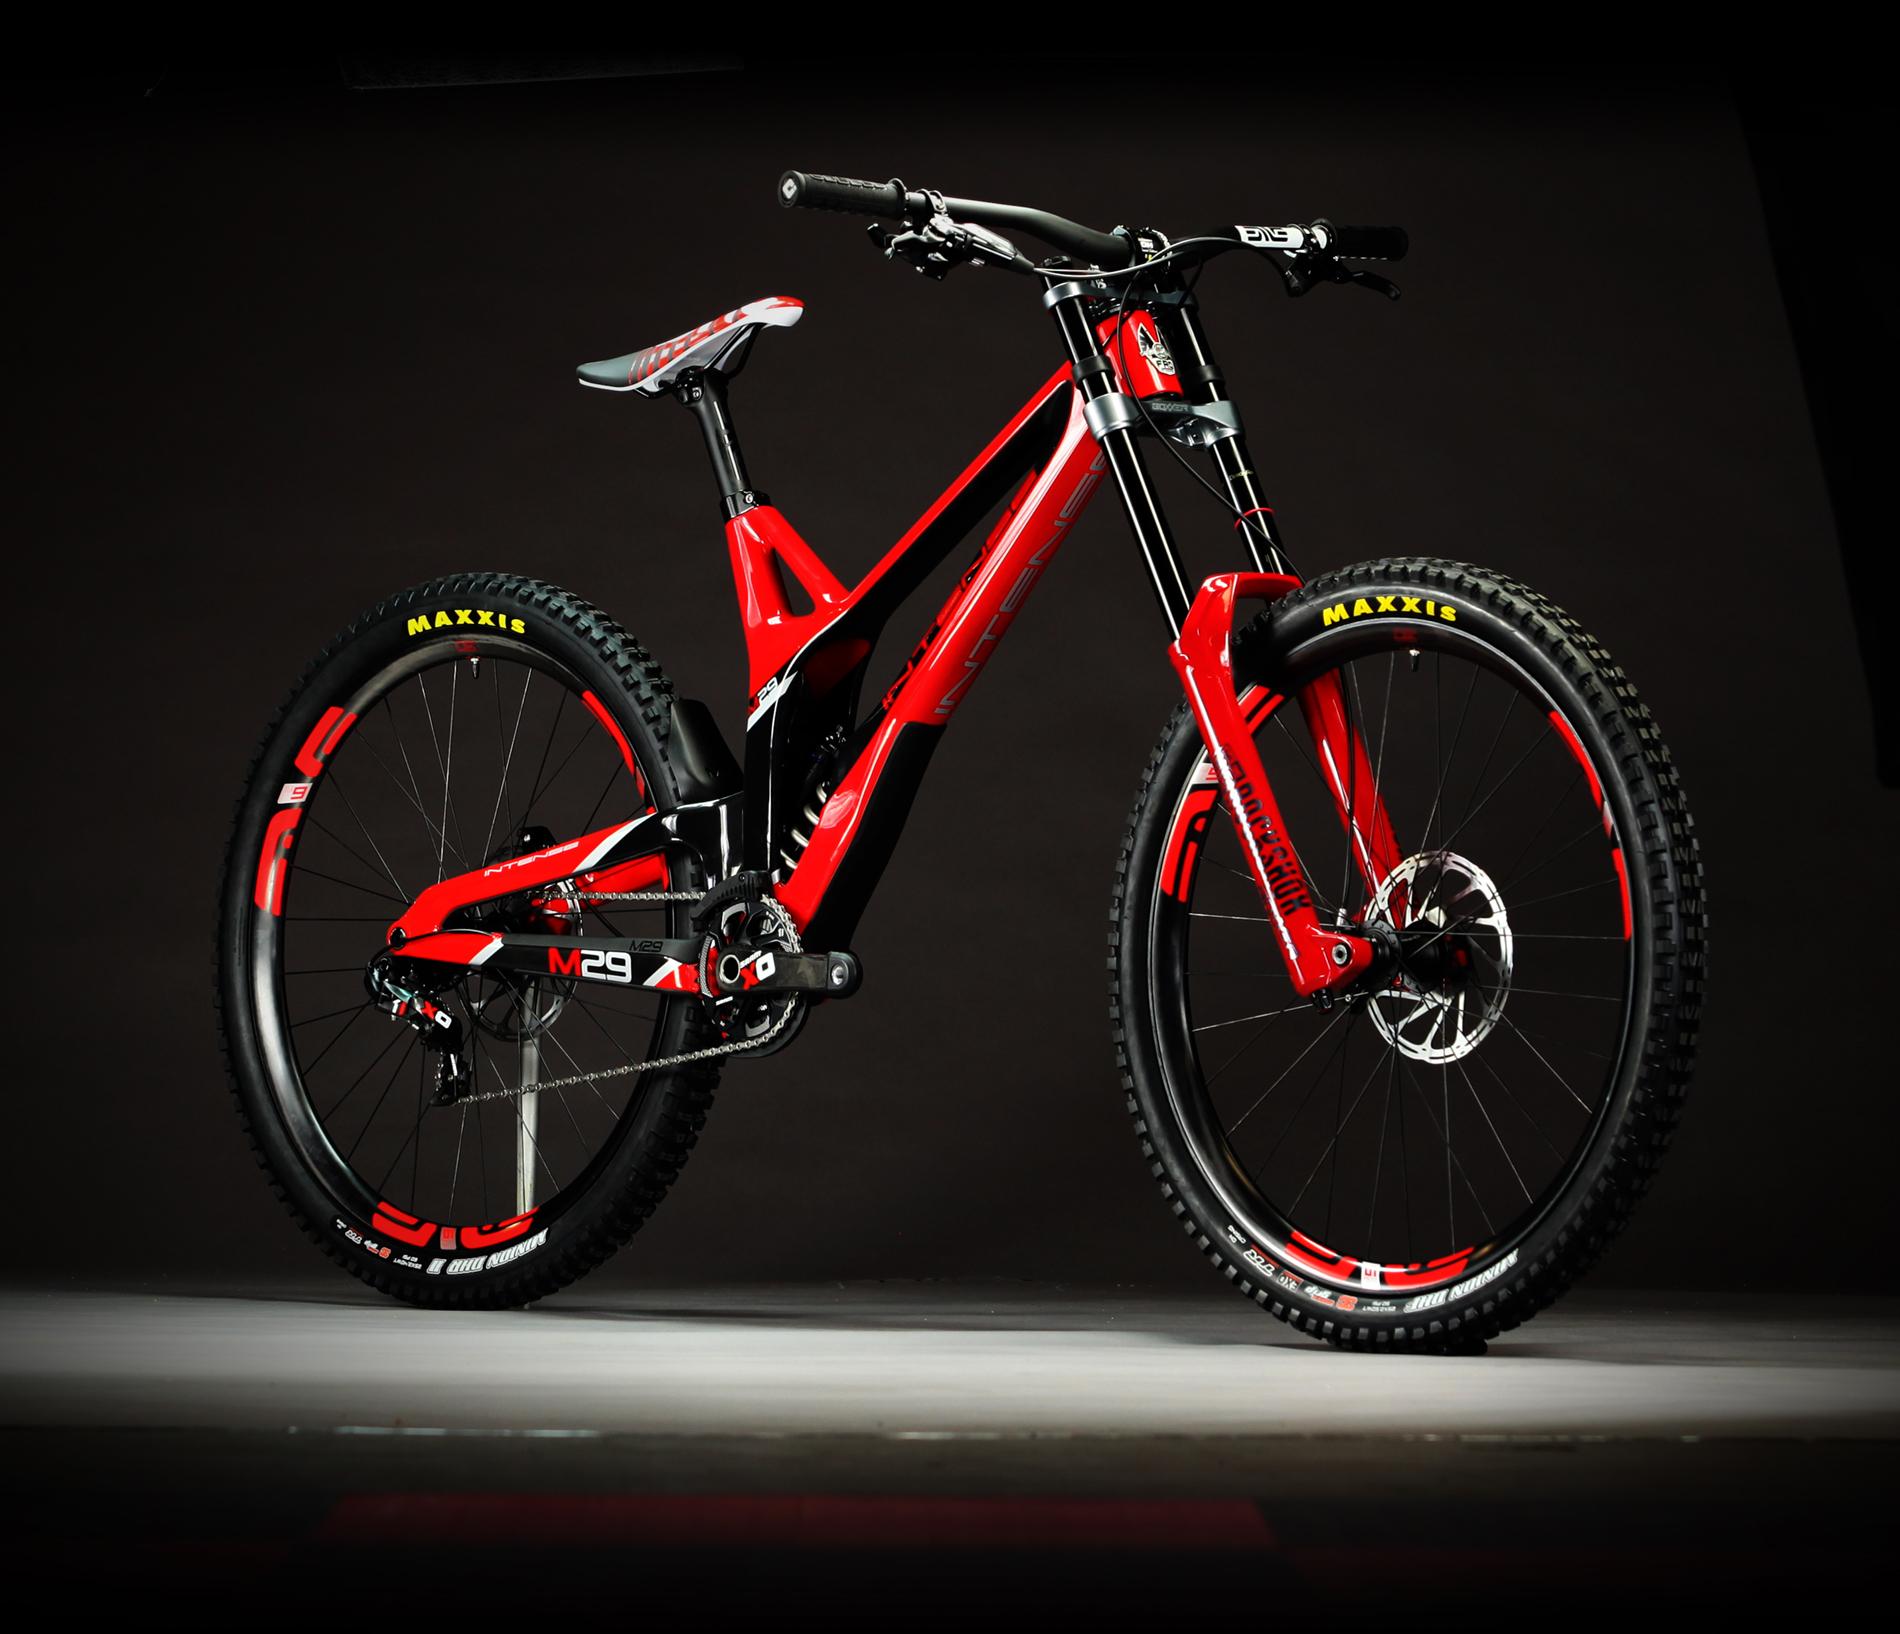 INTENSE CYCLES M29 世界限定15台先行発売・日本には2台入荷予定